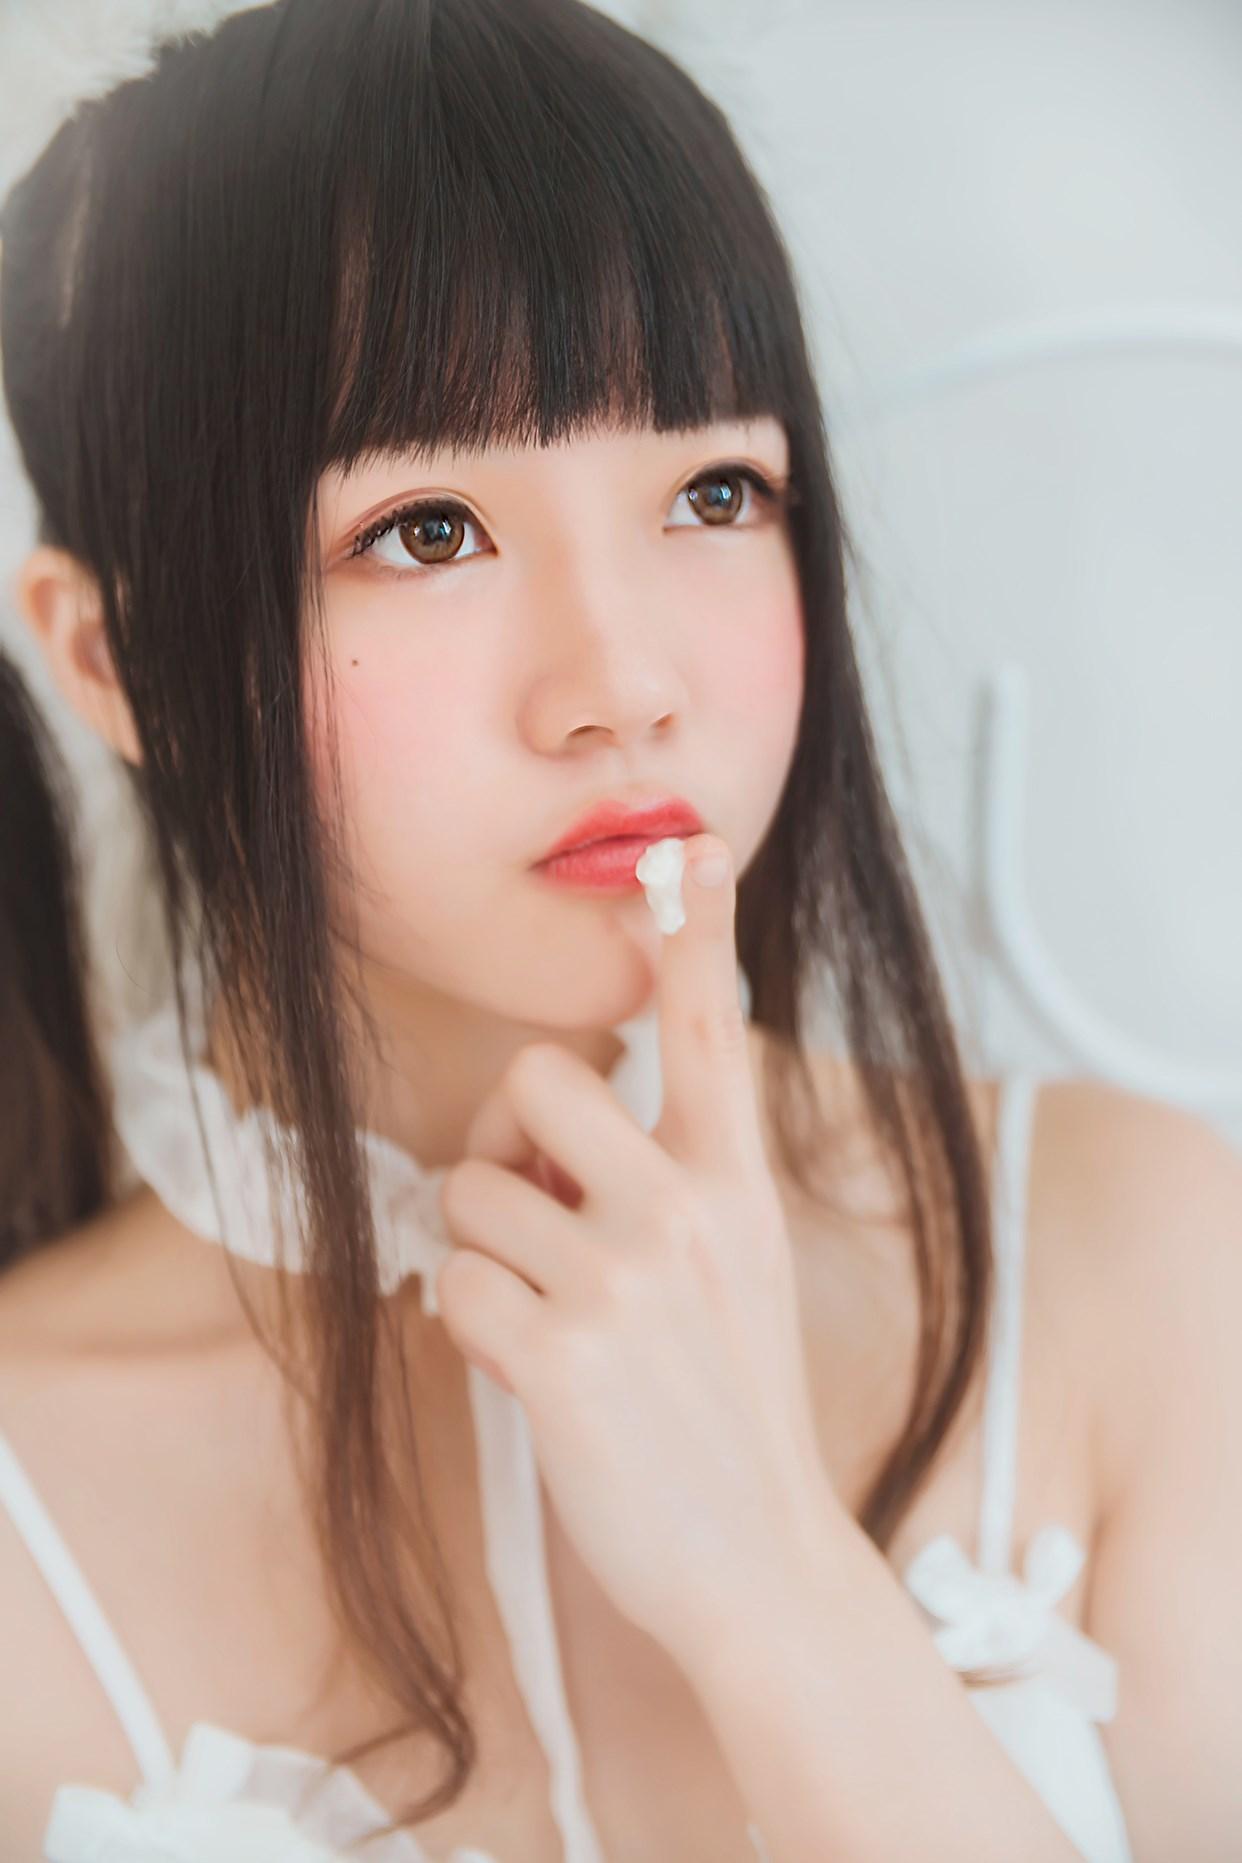 【兔玩映画】喵喵睡衣 兔玩映画 第37张